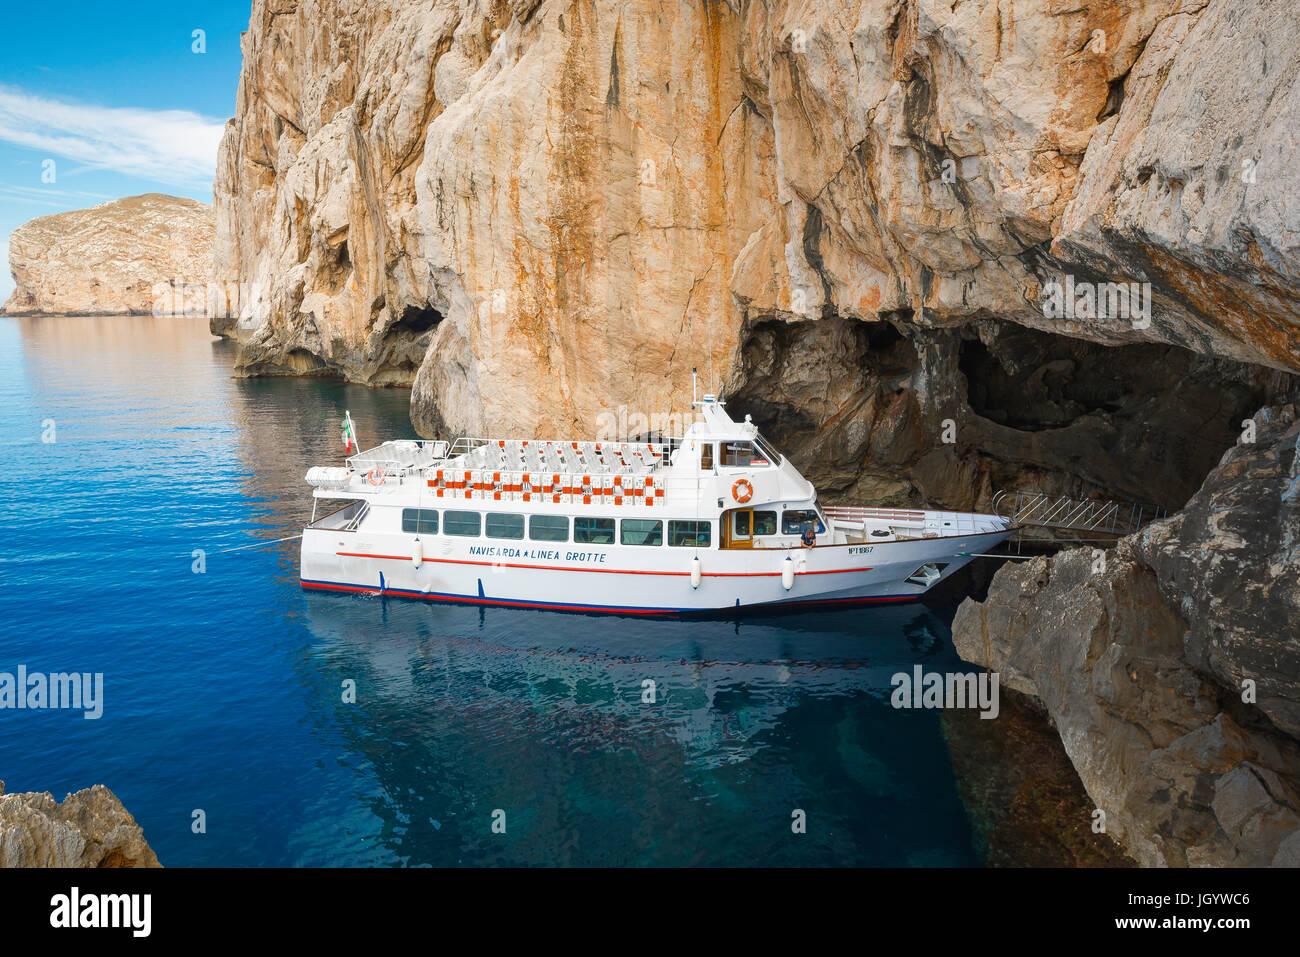 Grotta di Nettuno Sardinia, a tour boat is moored in the entrance to Grotta di Nettuno below Capo Caccia, near Alghero, - Stock Image